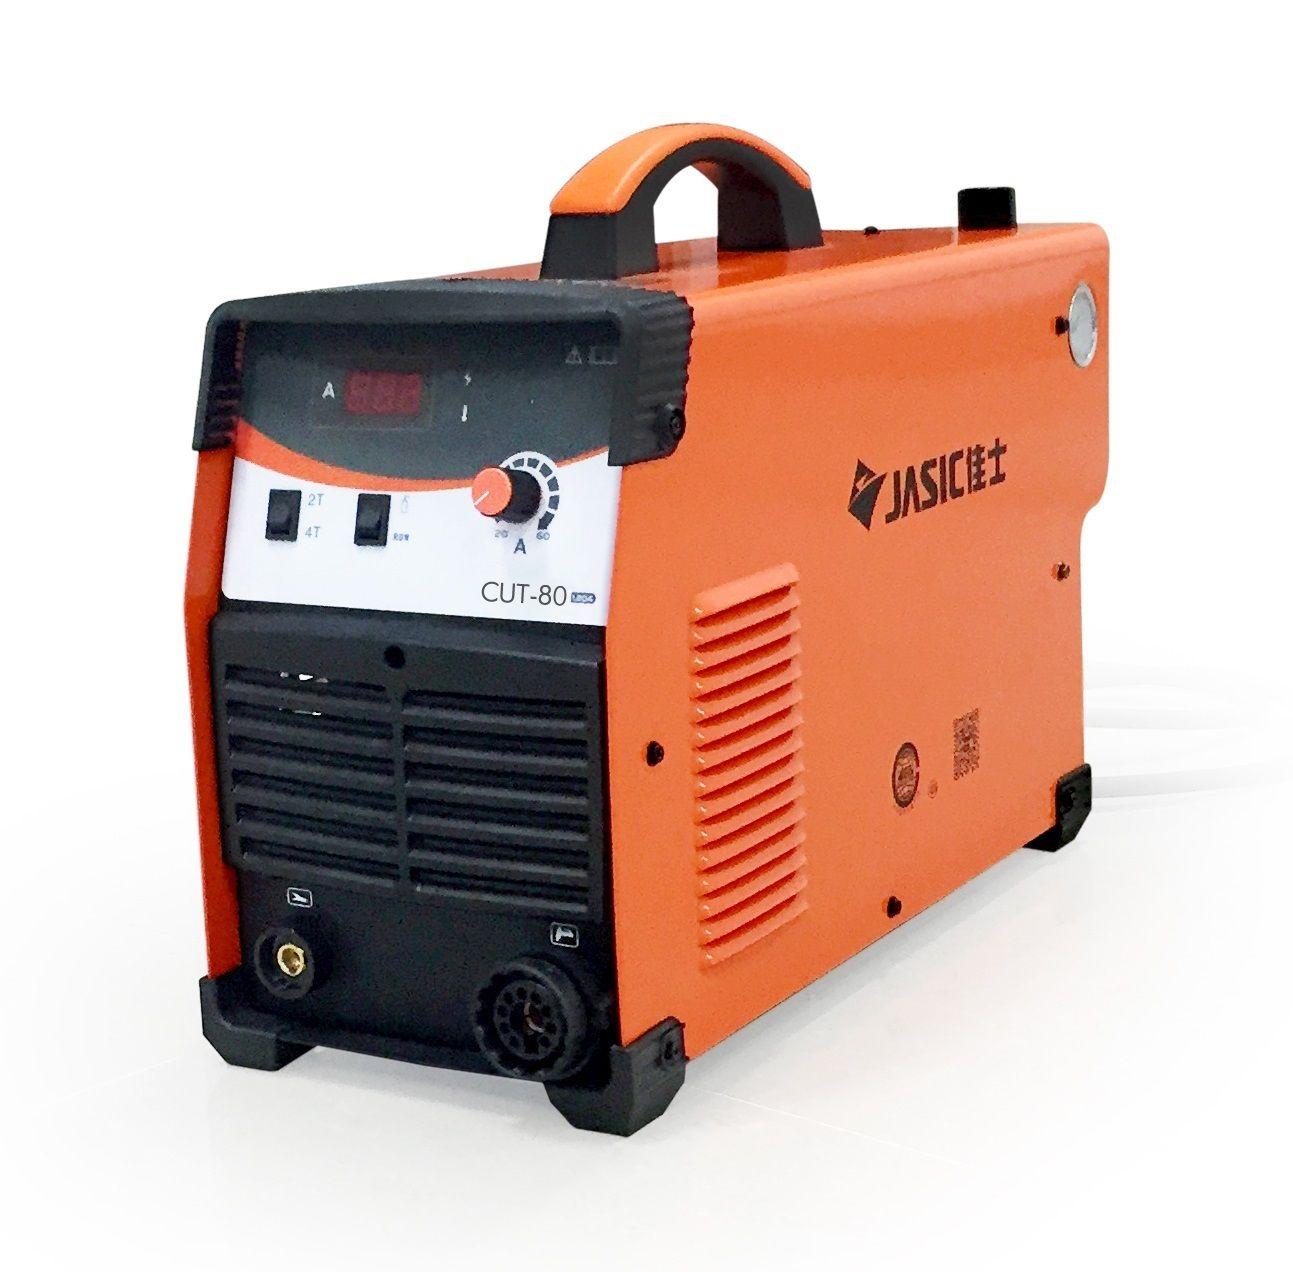 JASIC CUT 80 L205 + hořák LT 101 délka 6m + příslušenství, plazmová řezačka